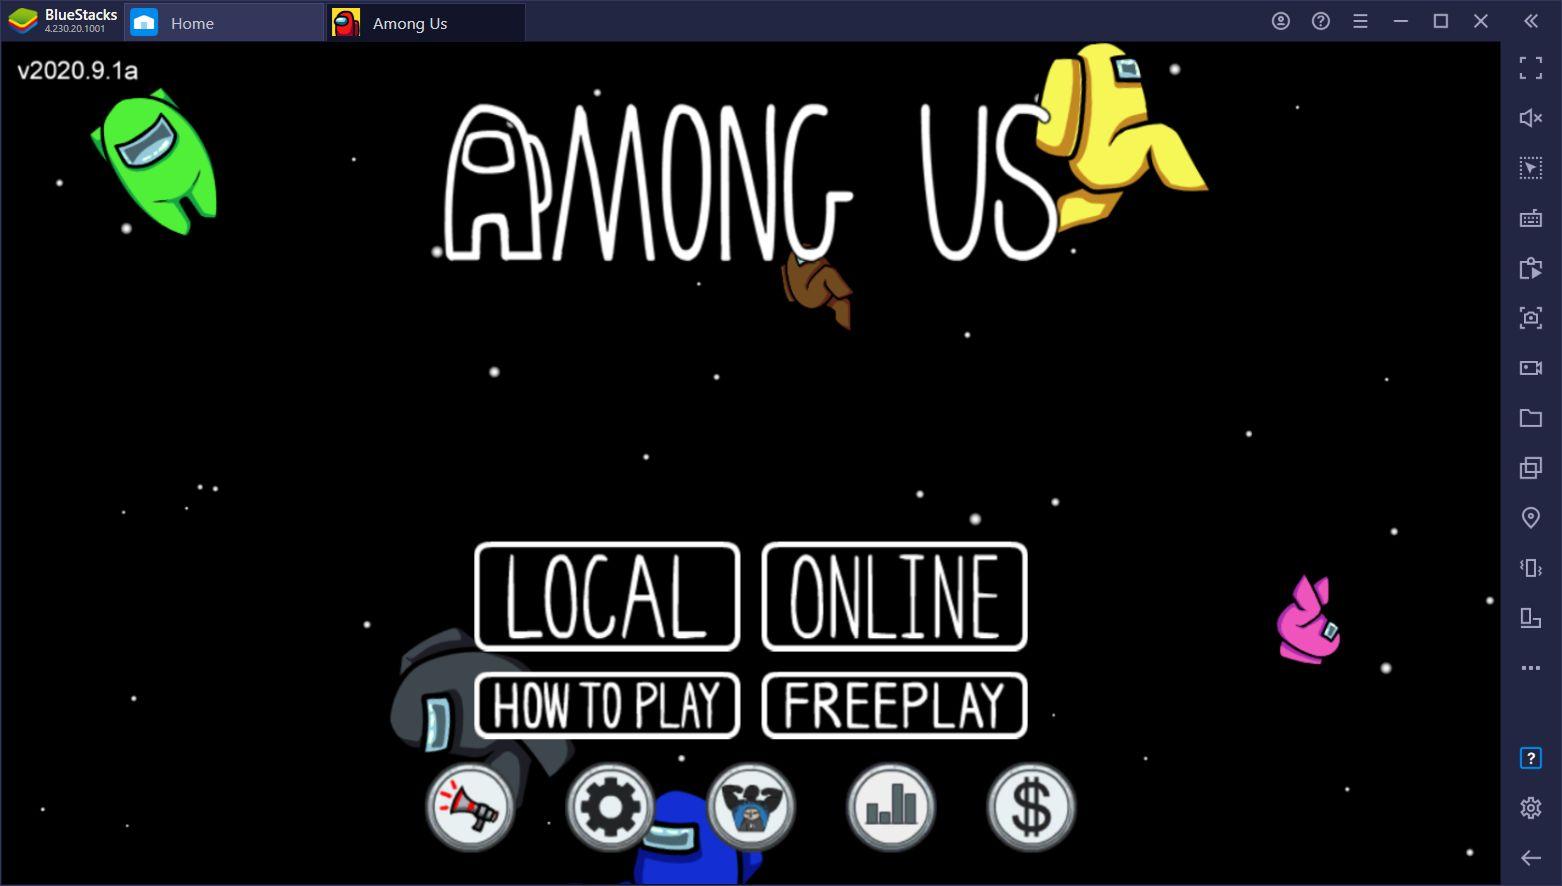 العب Among Us على جهاز الكمبيوتر باستخدام وحدات التحكم حصريًا مع BlueStacks